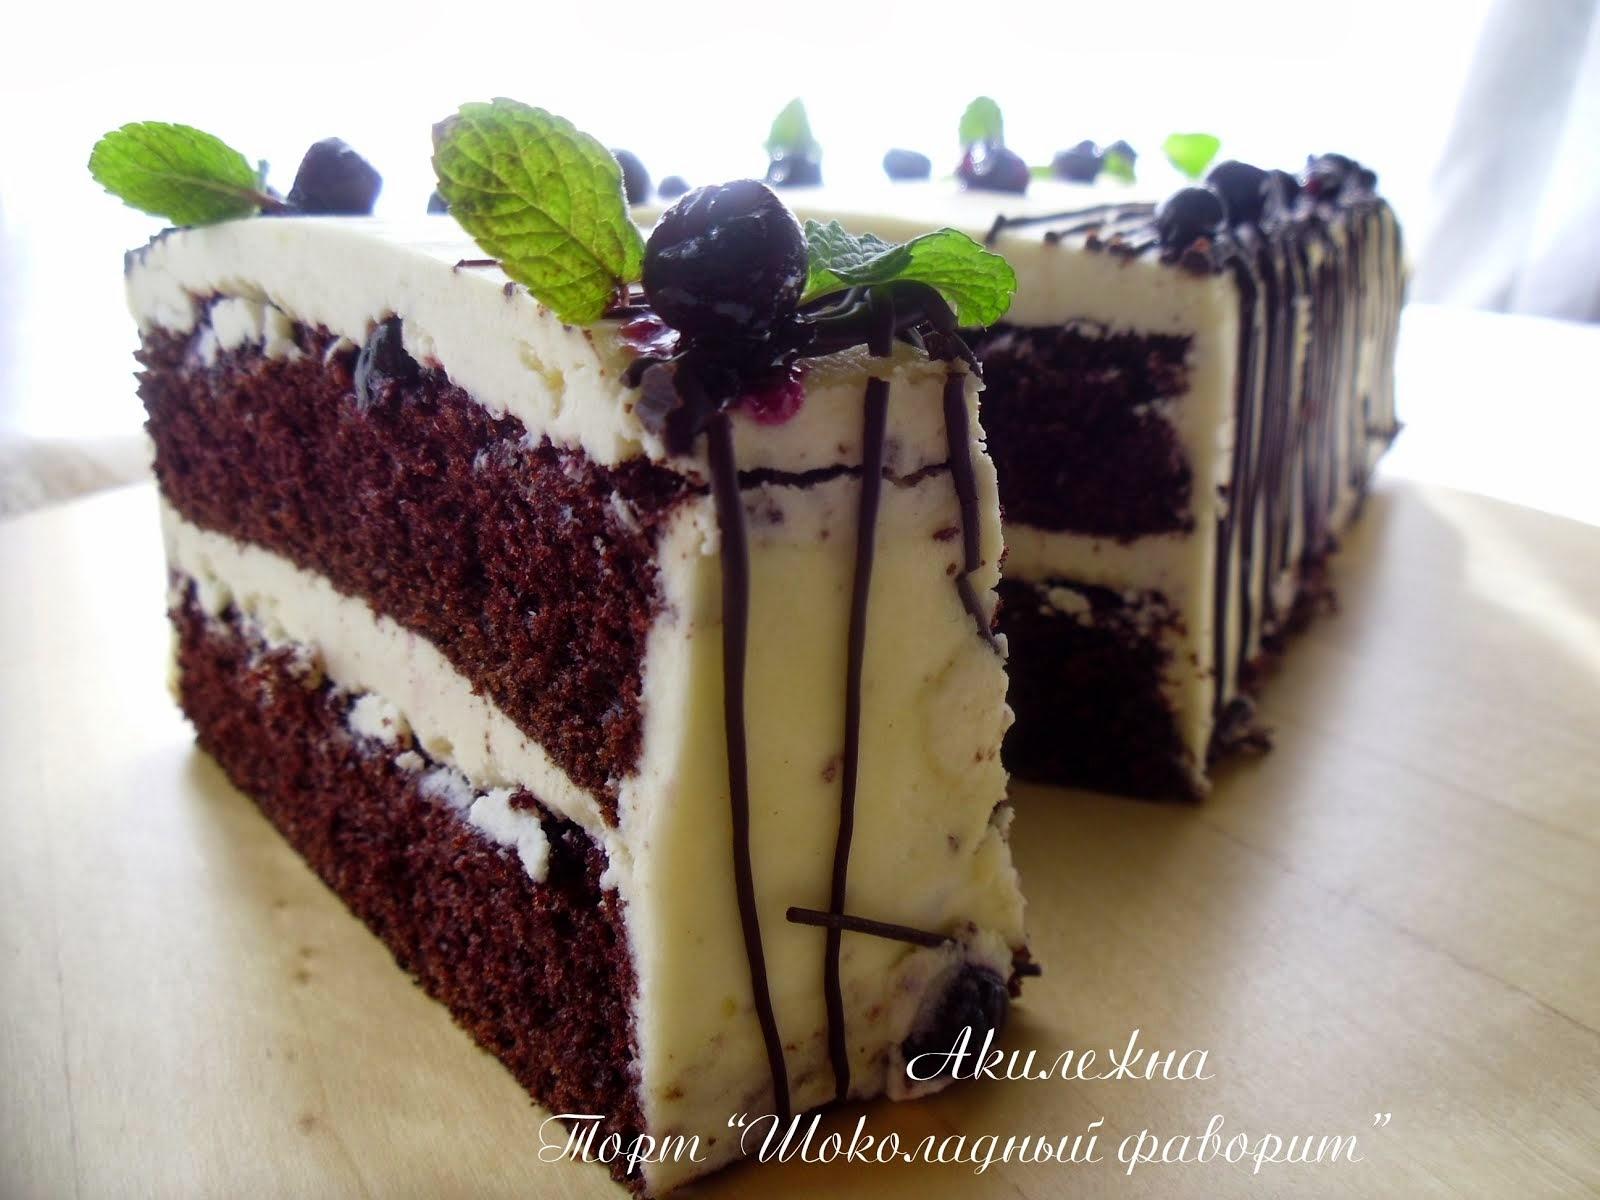 Торт «Шоколадный фаворит»